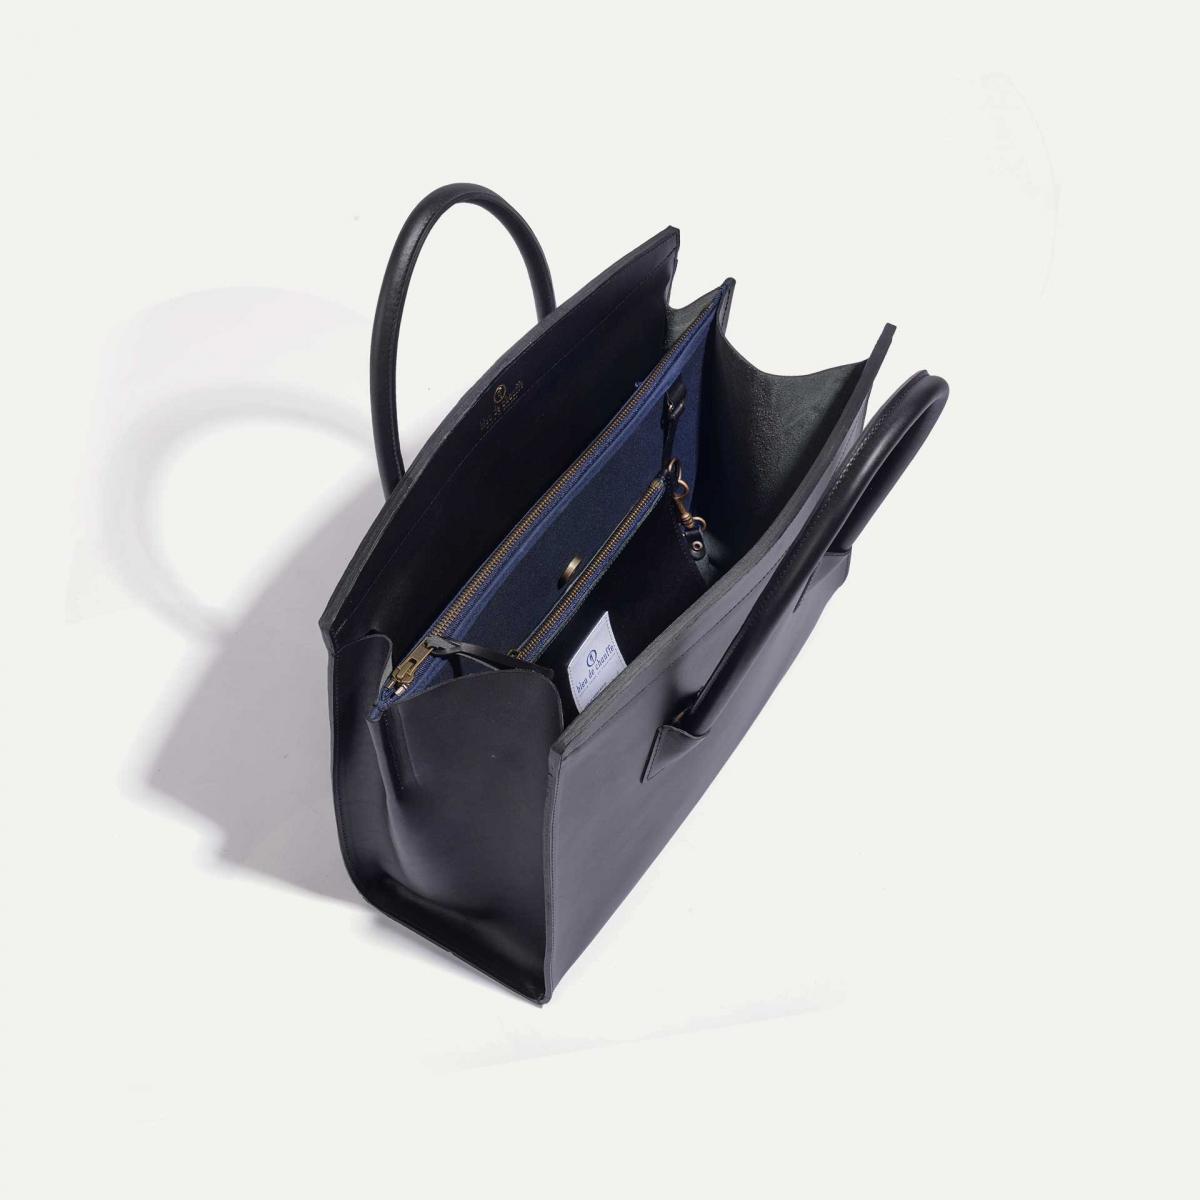 Dalva business Tote - Black (image n°4)